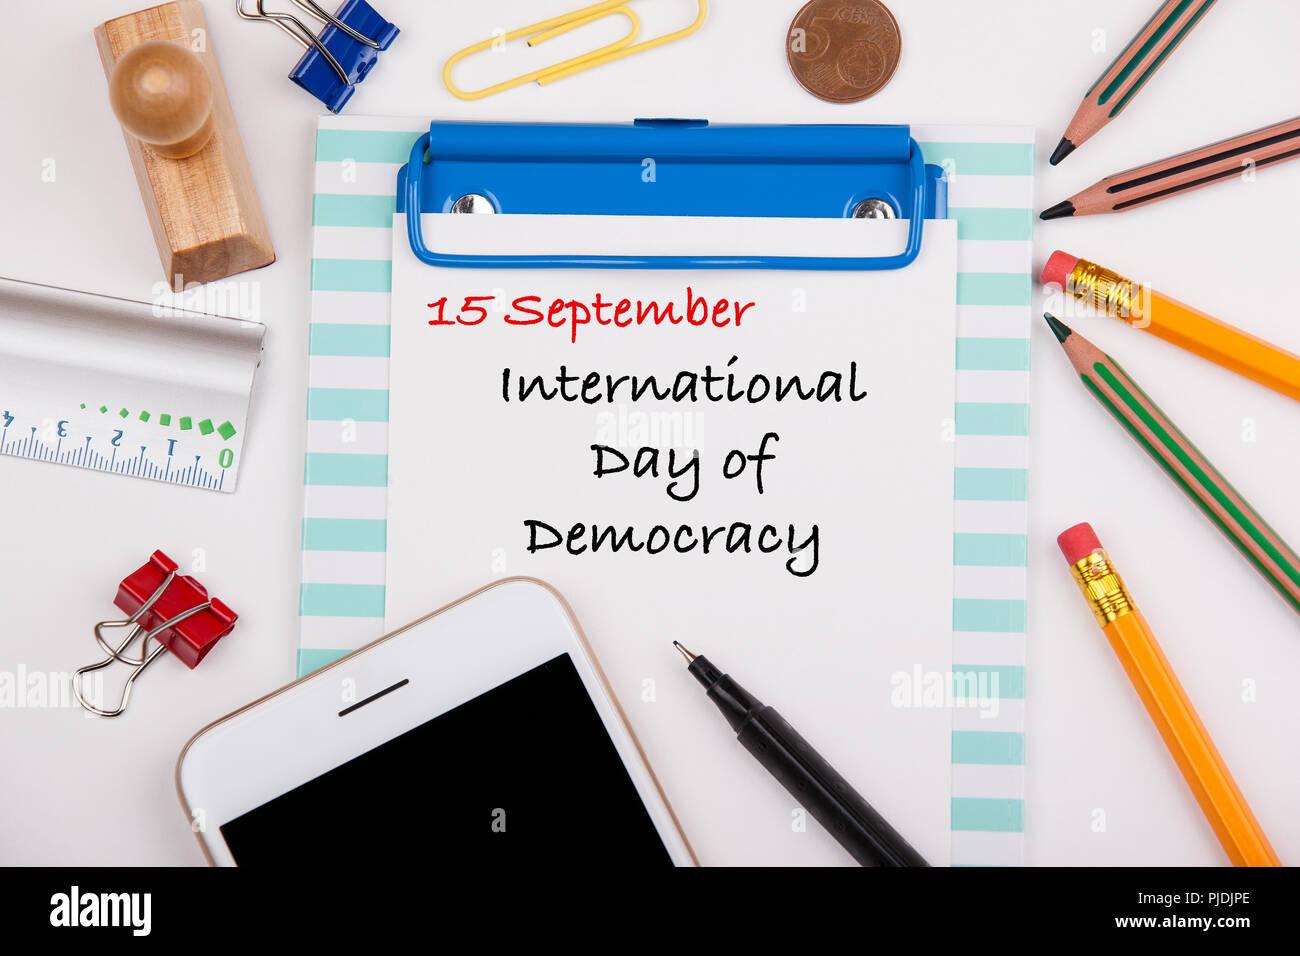 Internationaler Tag der Demokratie 15. September Stockfoto